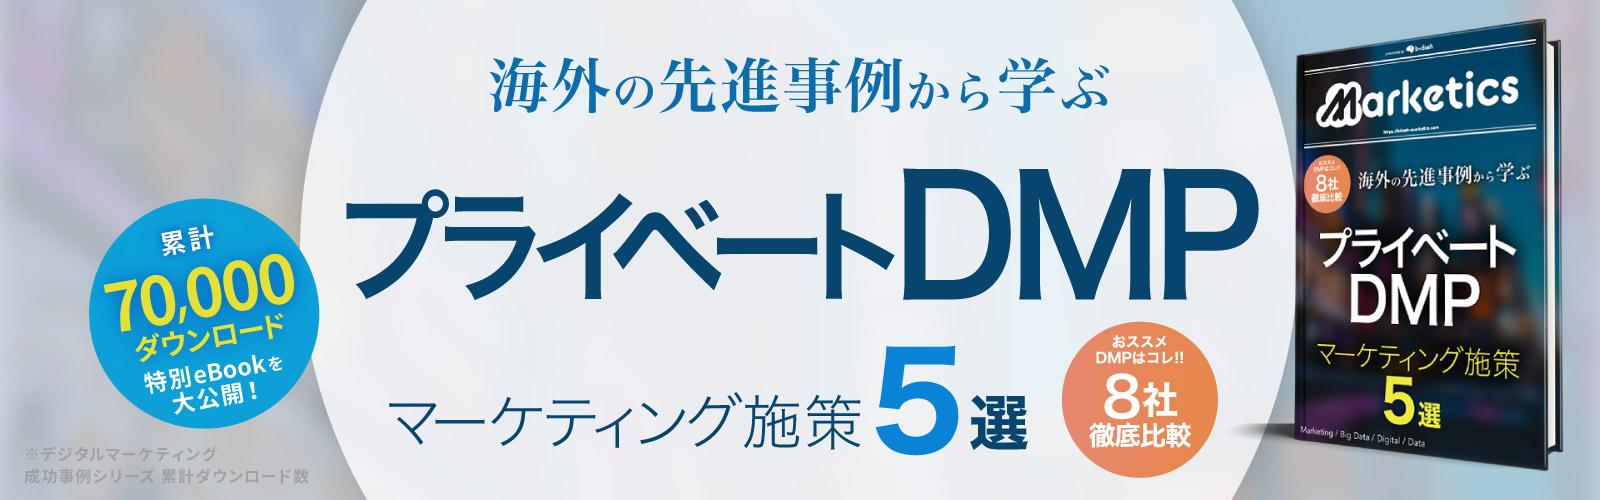 プライベートDMP<br /> マーケティング施策 5選